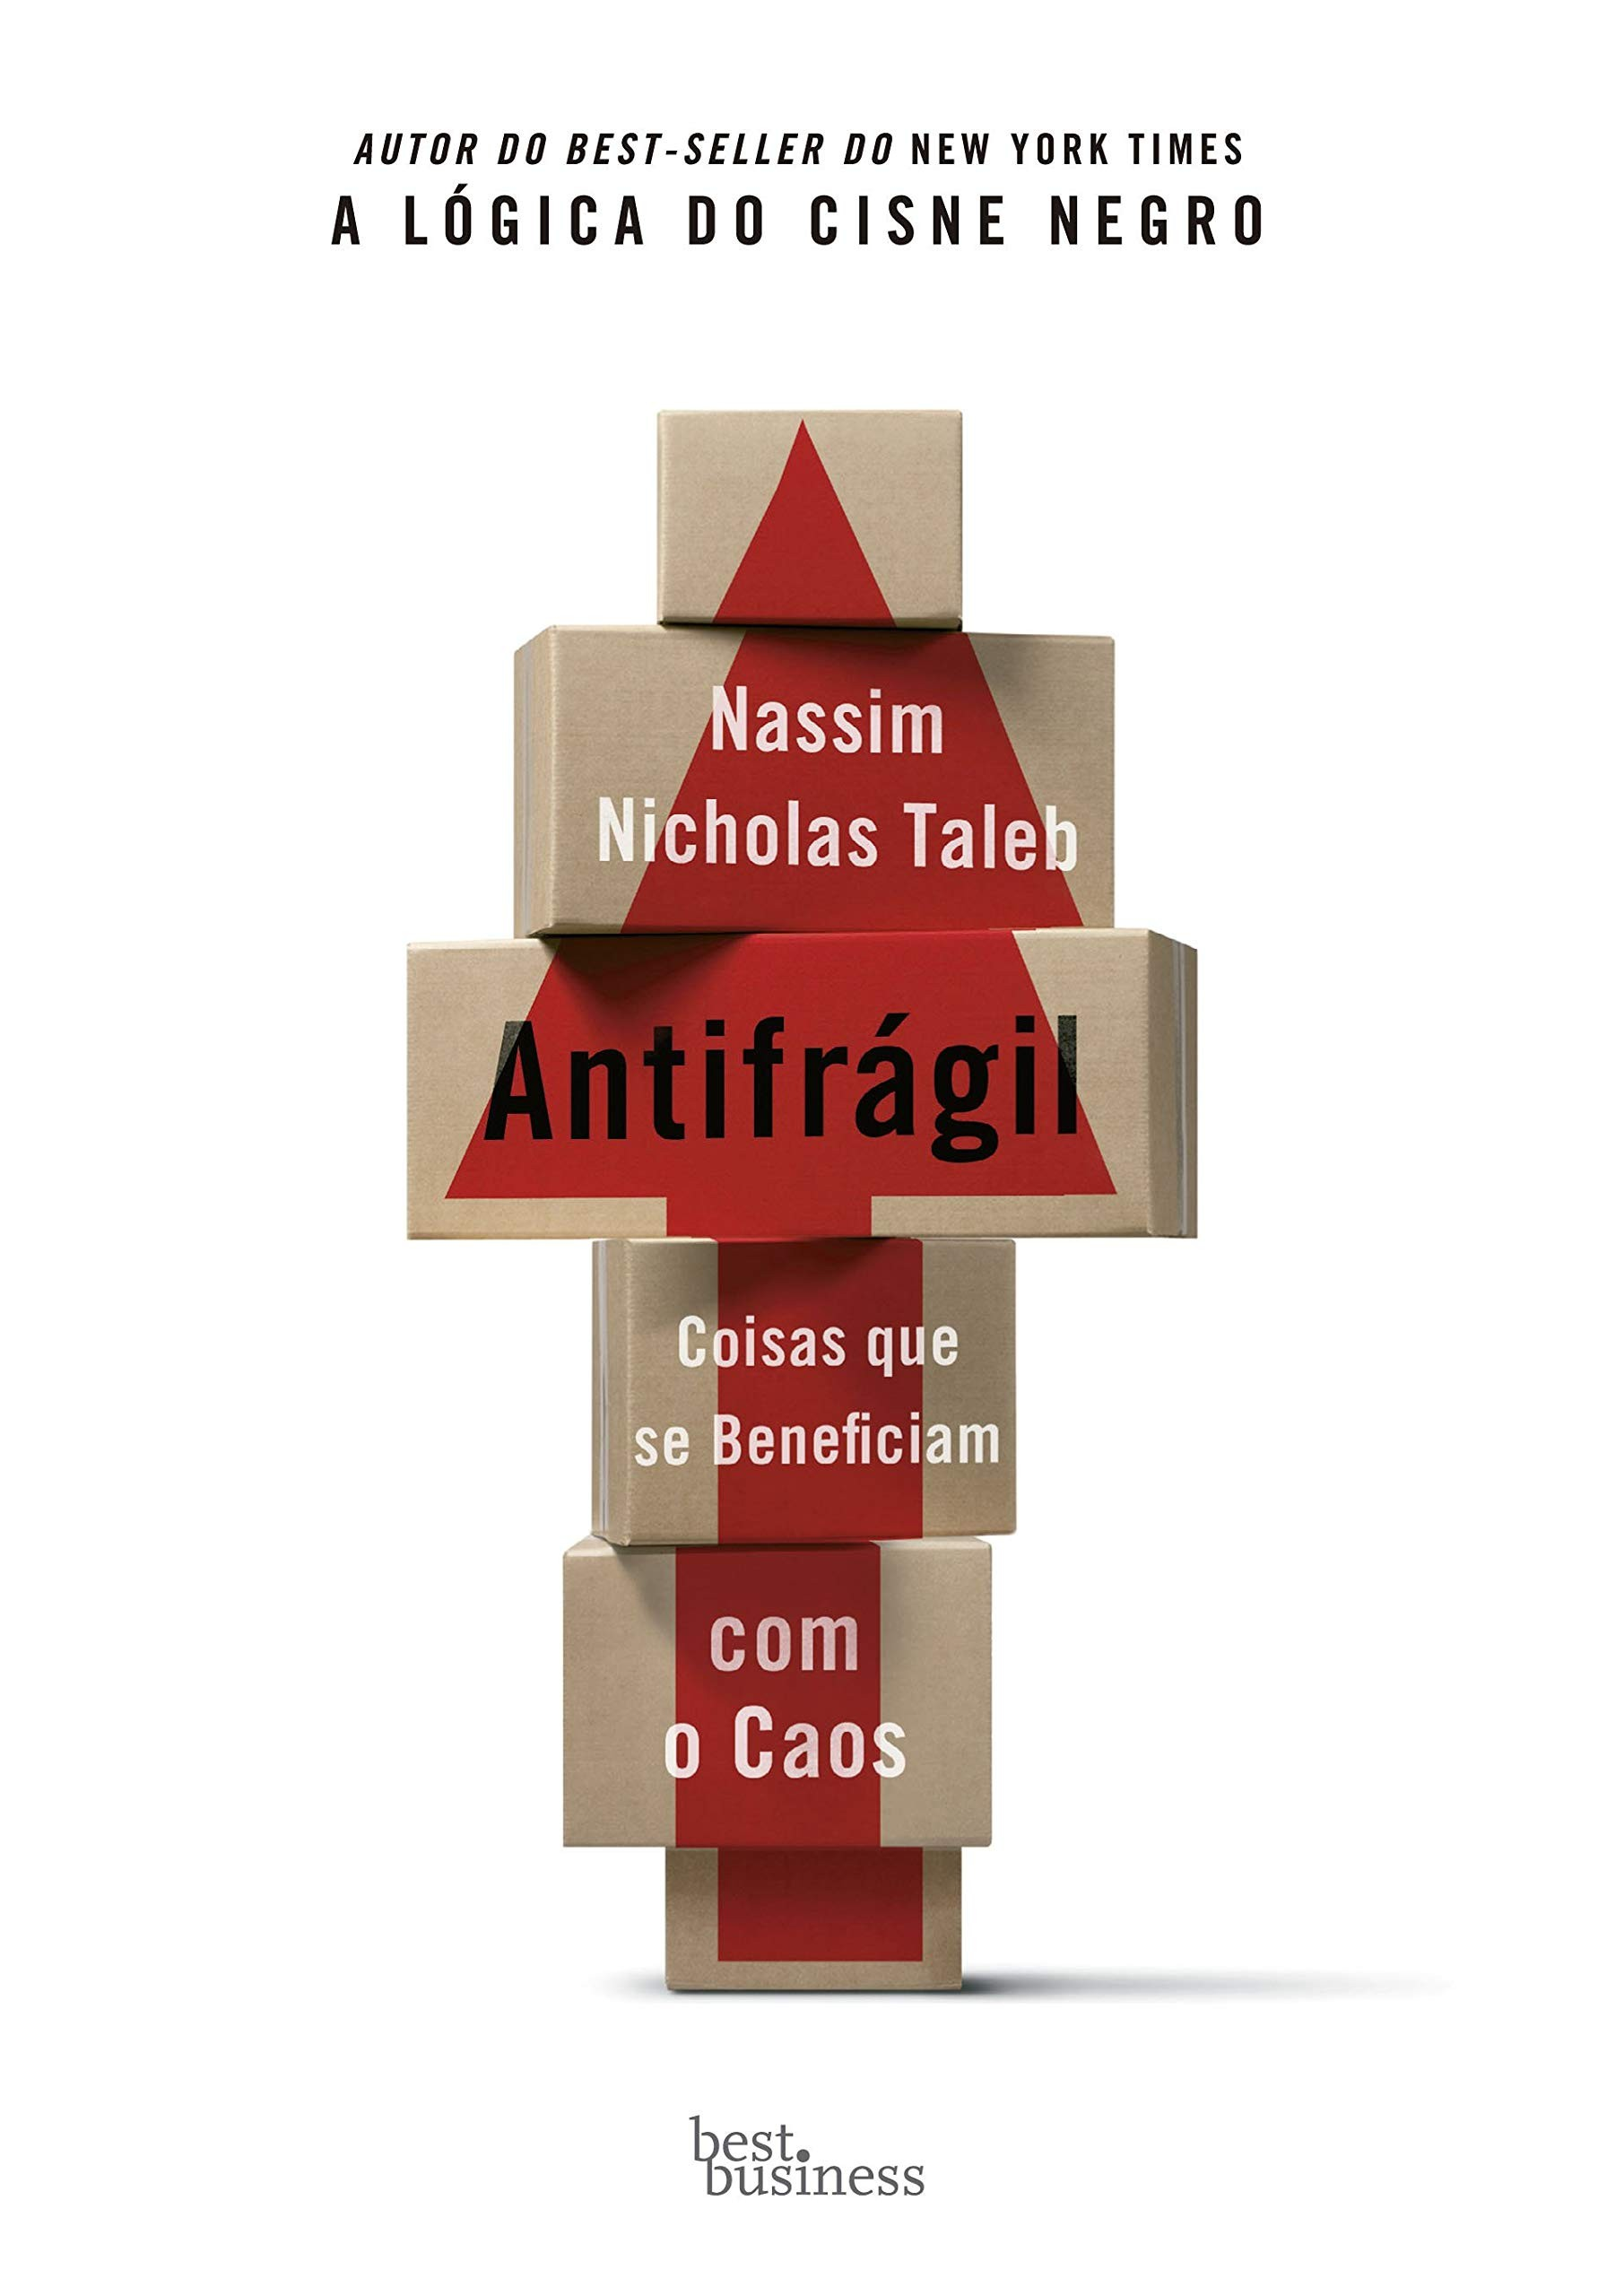 Antifrágil por Nassim Nicholas Taleb (Foto: Divulgação)